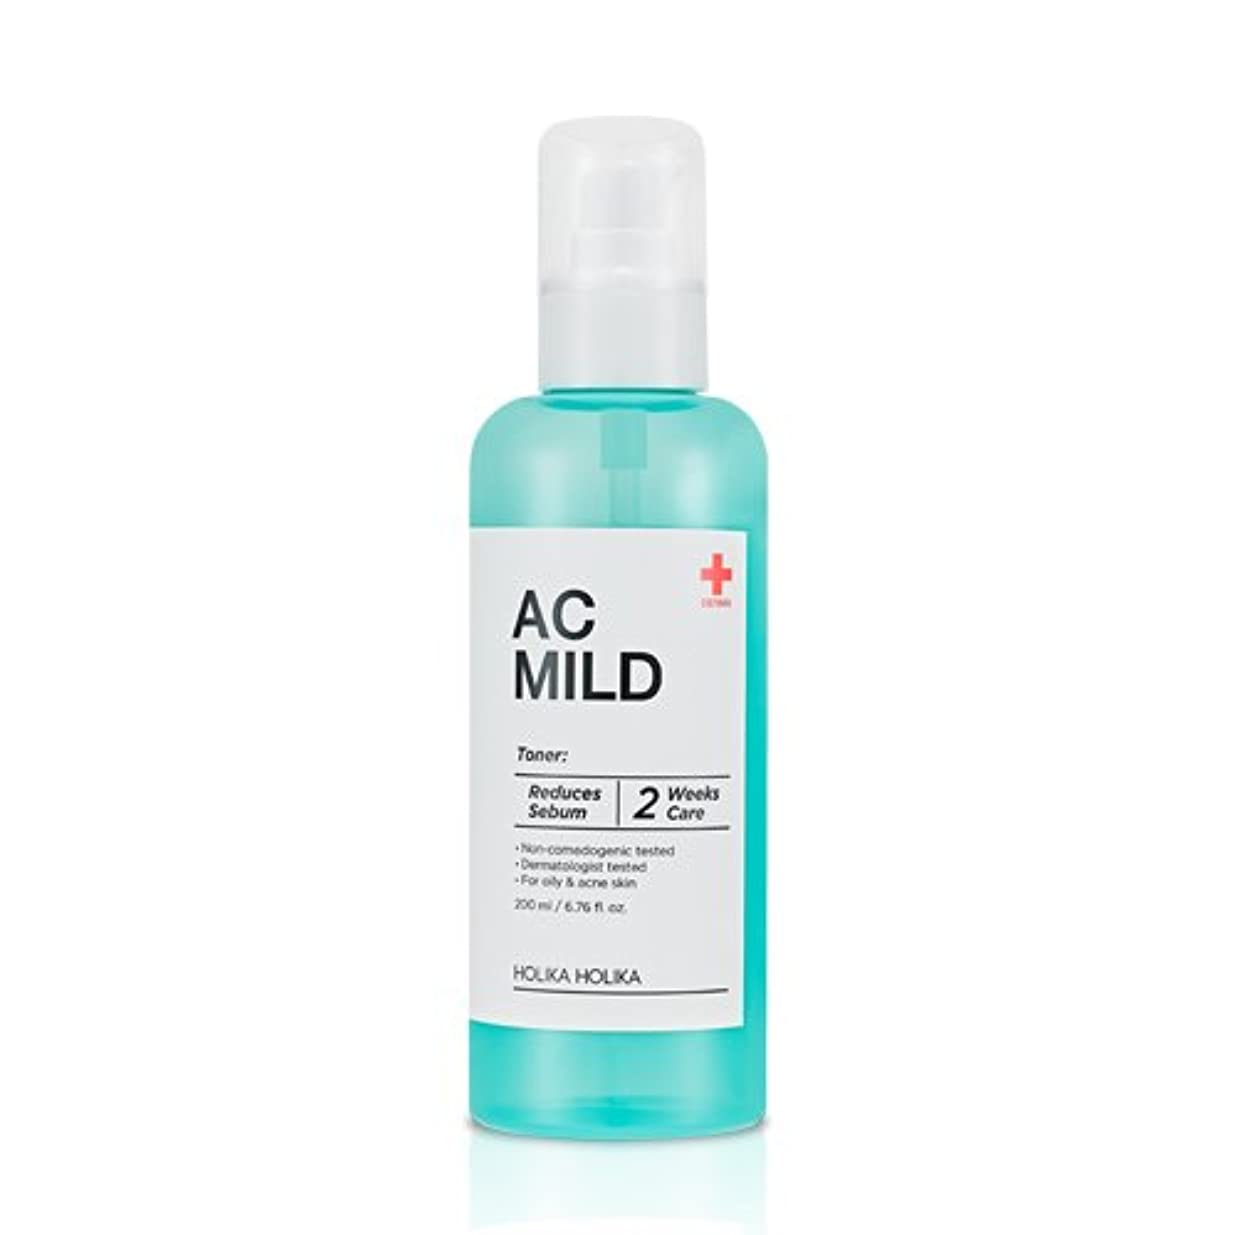 スラッシュ威信致命的ホリカホリカ ACマイルドスキントナー/HolikaHolika AC Mild Skin Toner 200ml?化粧水 [並行輸入品]